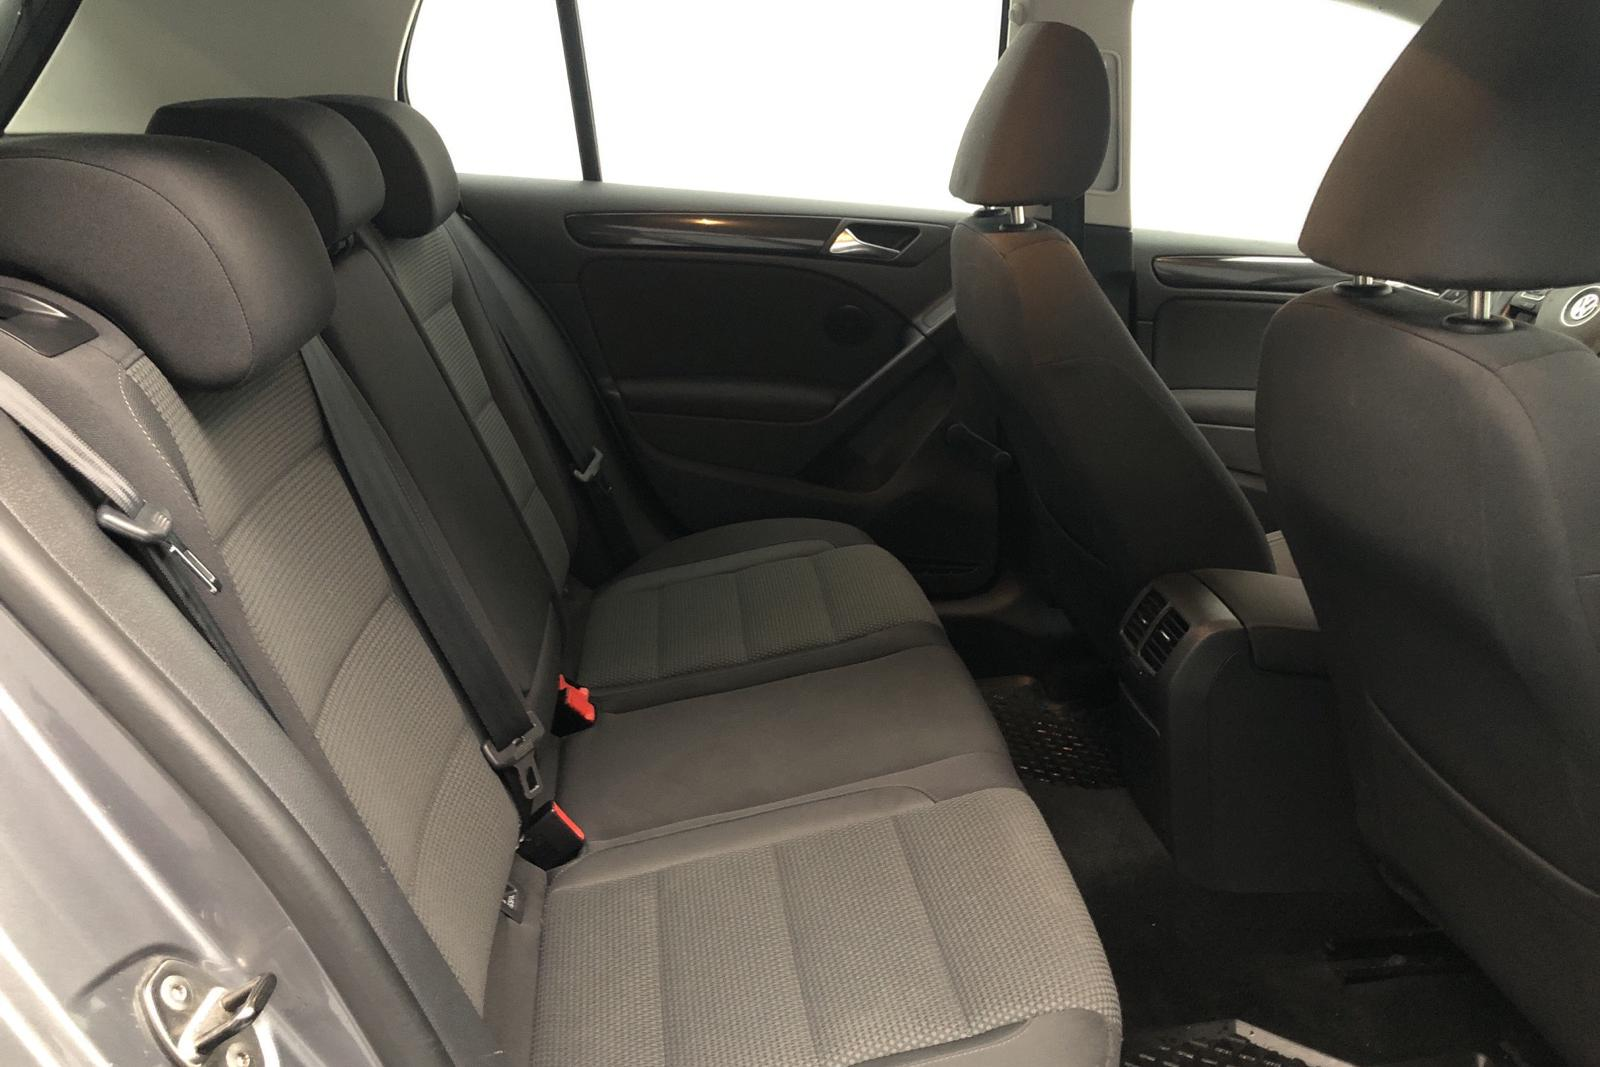 VW Golf VI 1.6 MultiFuel E85 5dr (102hk) - 143 000 km - Manual - gray - 2010